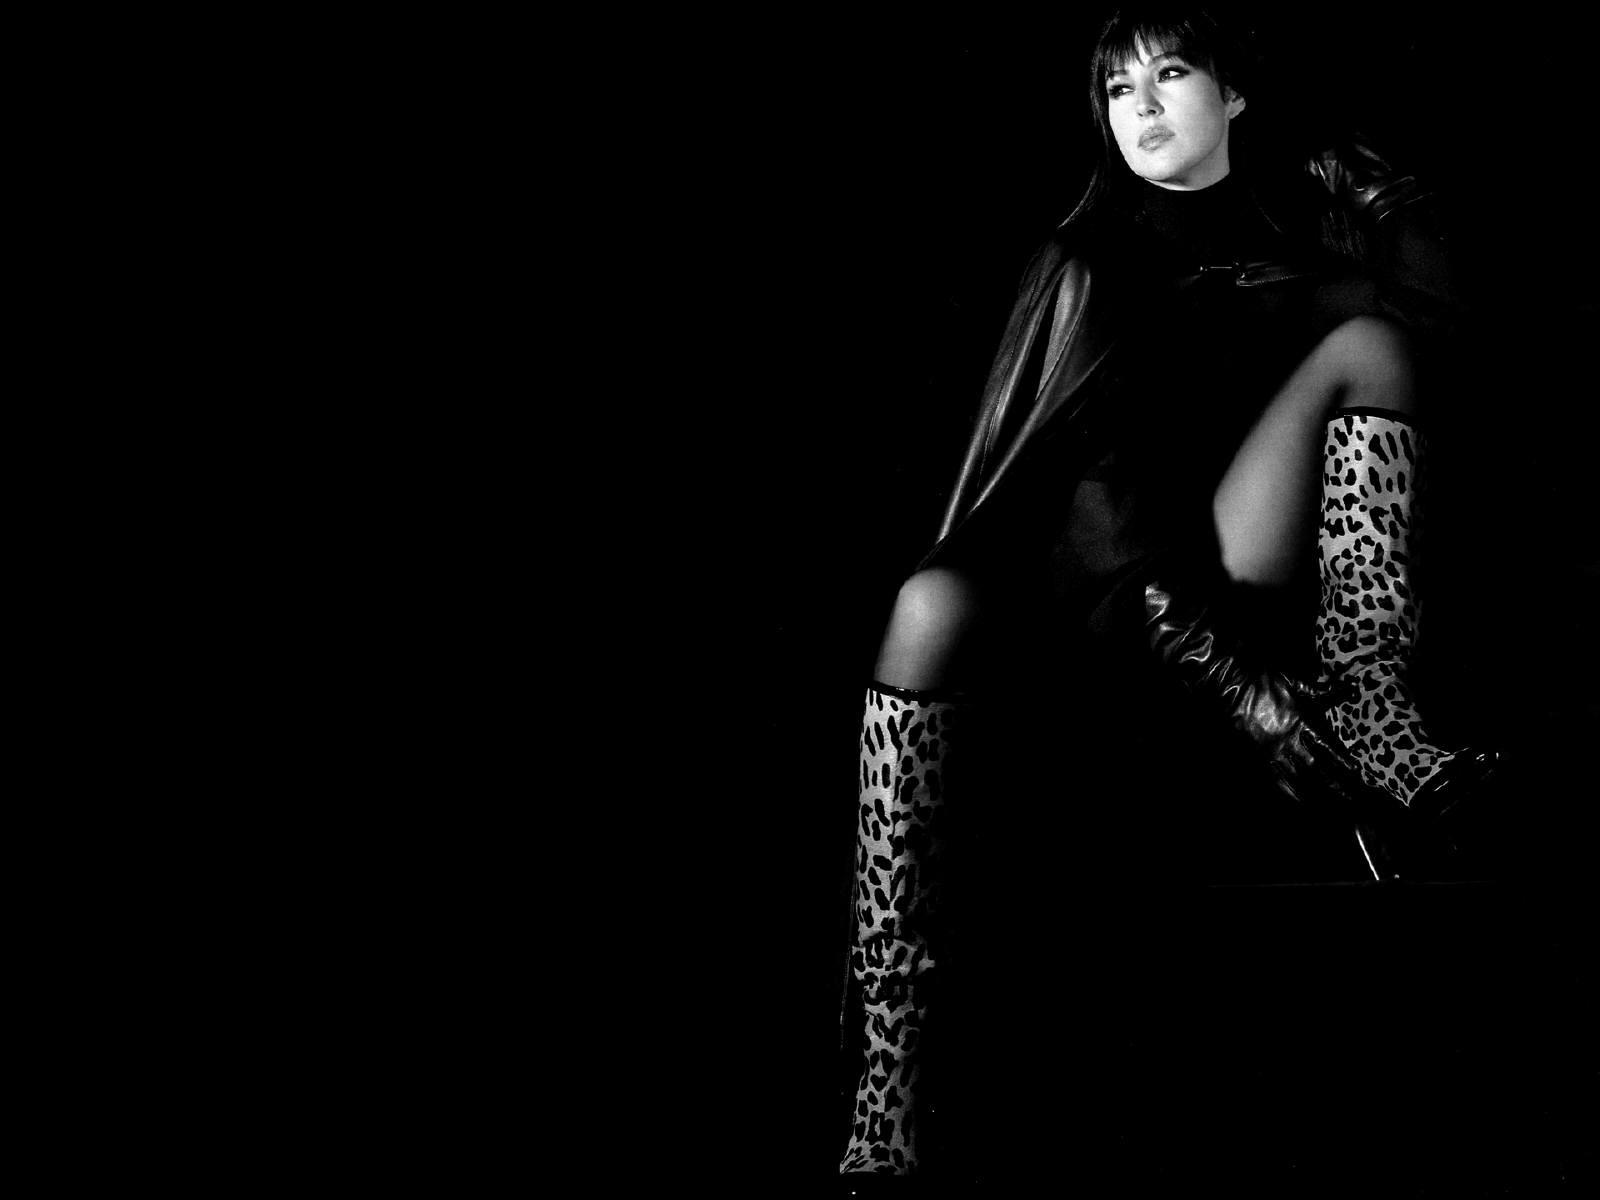 Wallpaper: seduzione in bianco e nero per Monica Bellucci